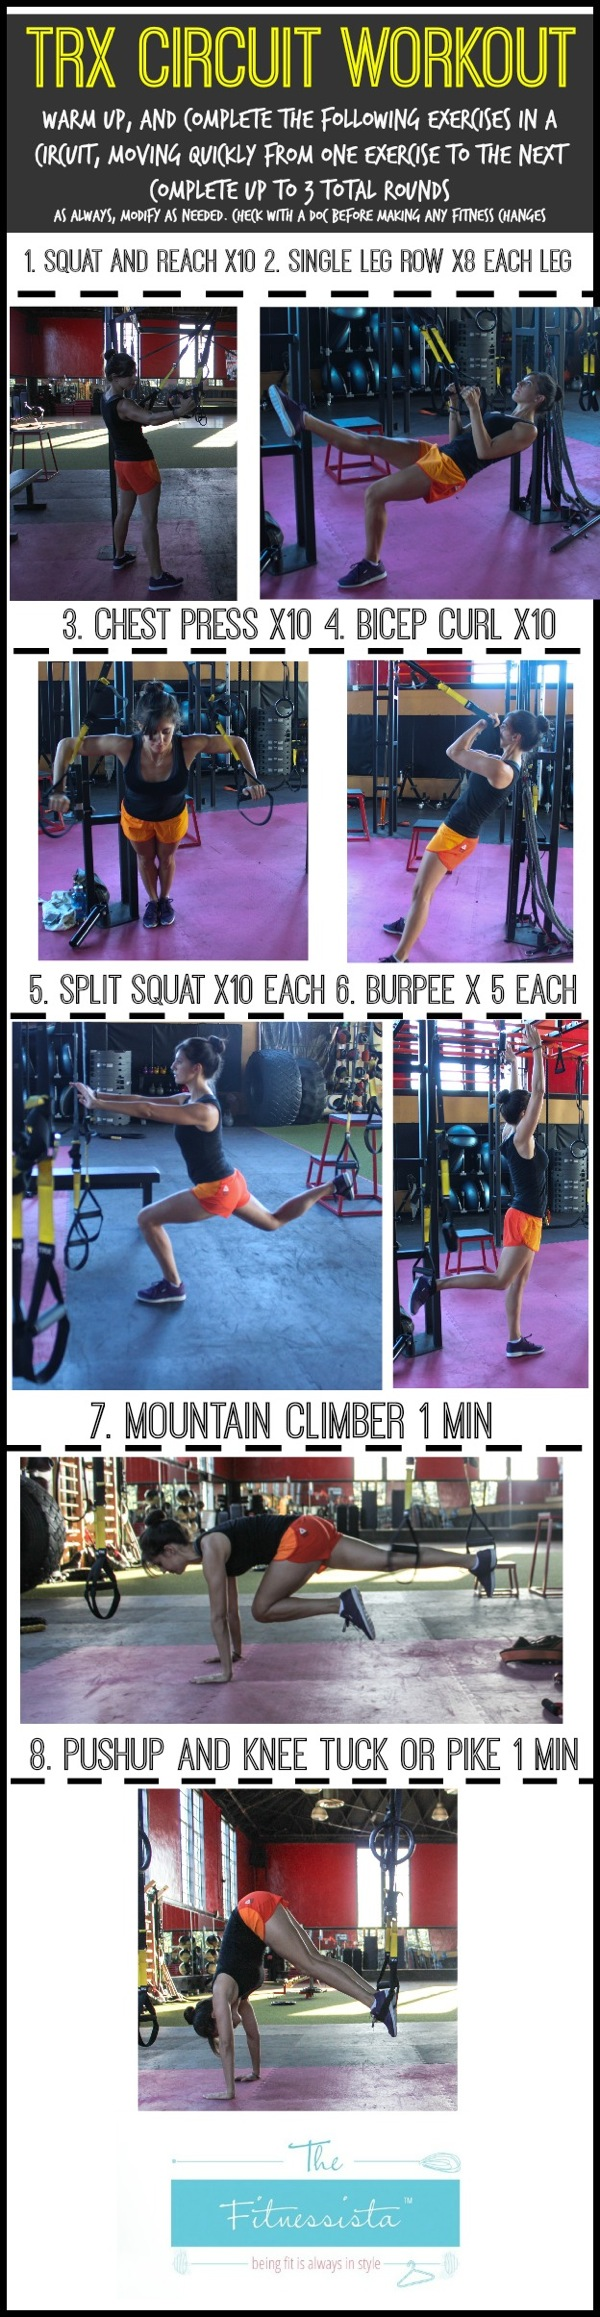 Trx circuit workout